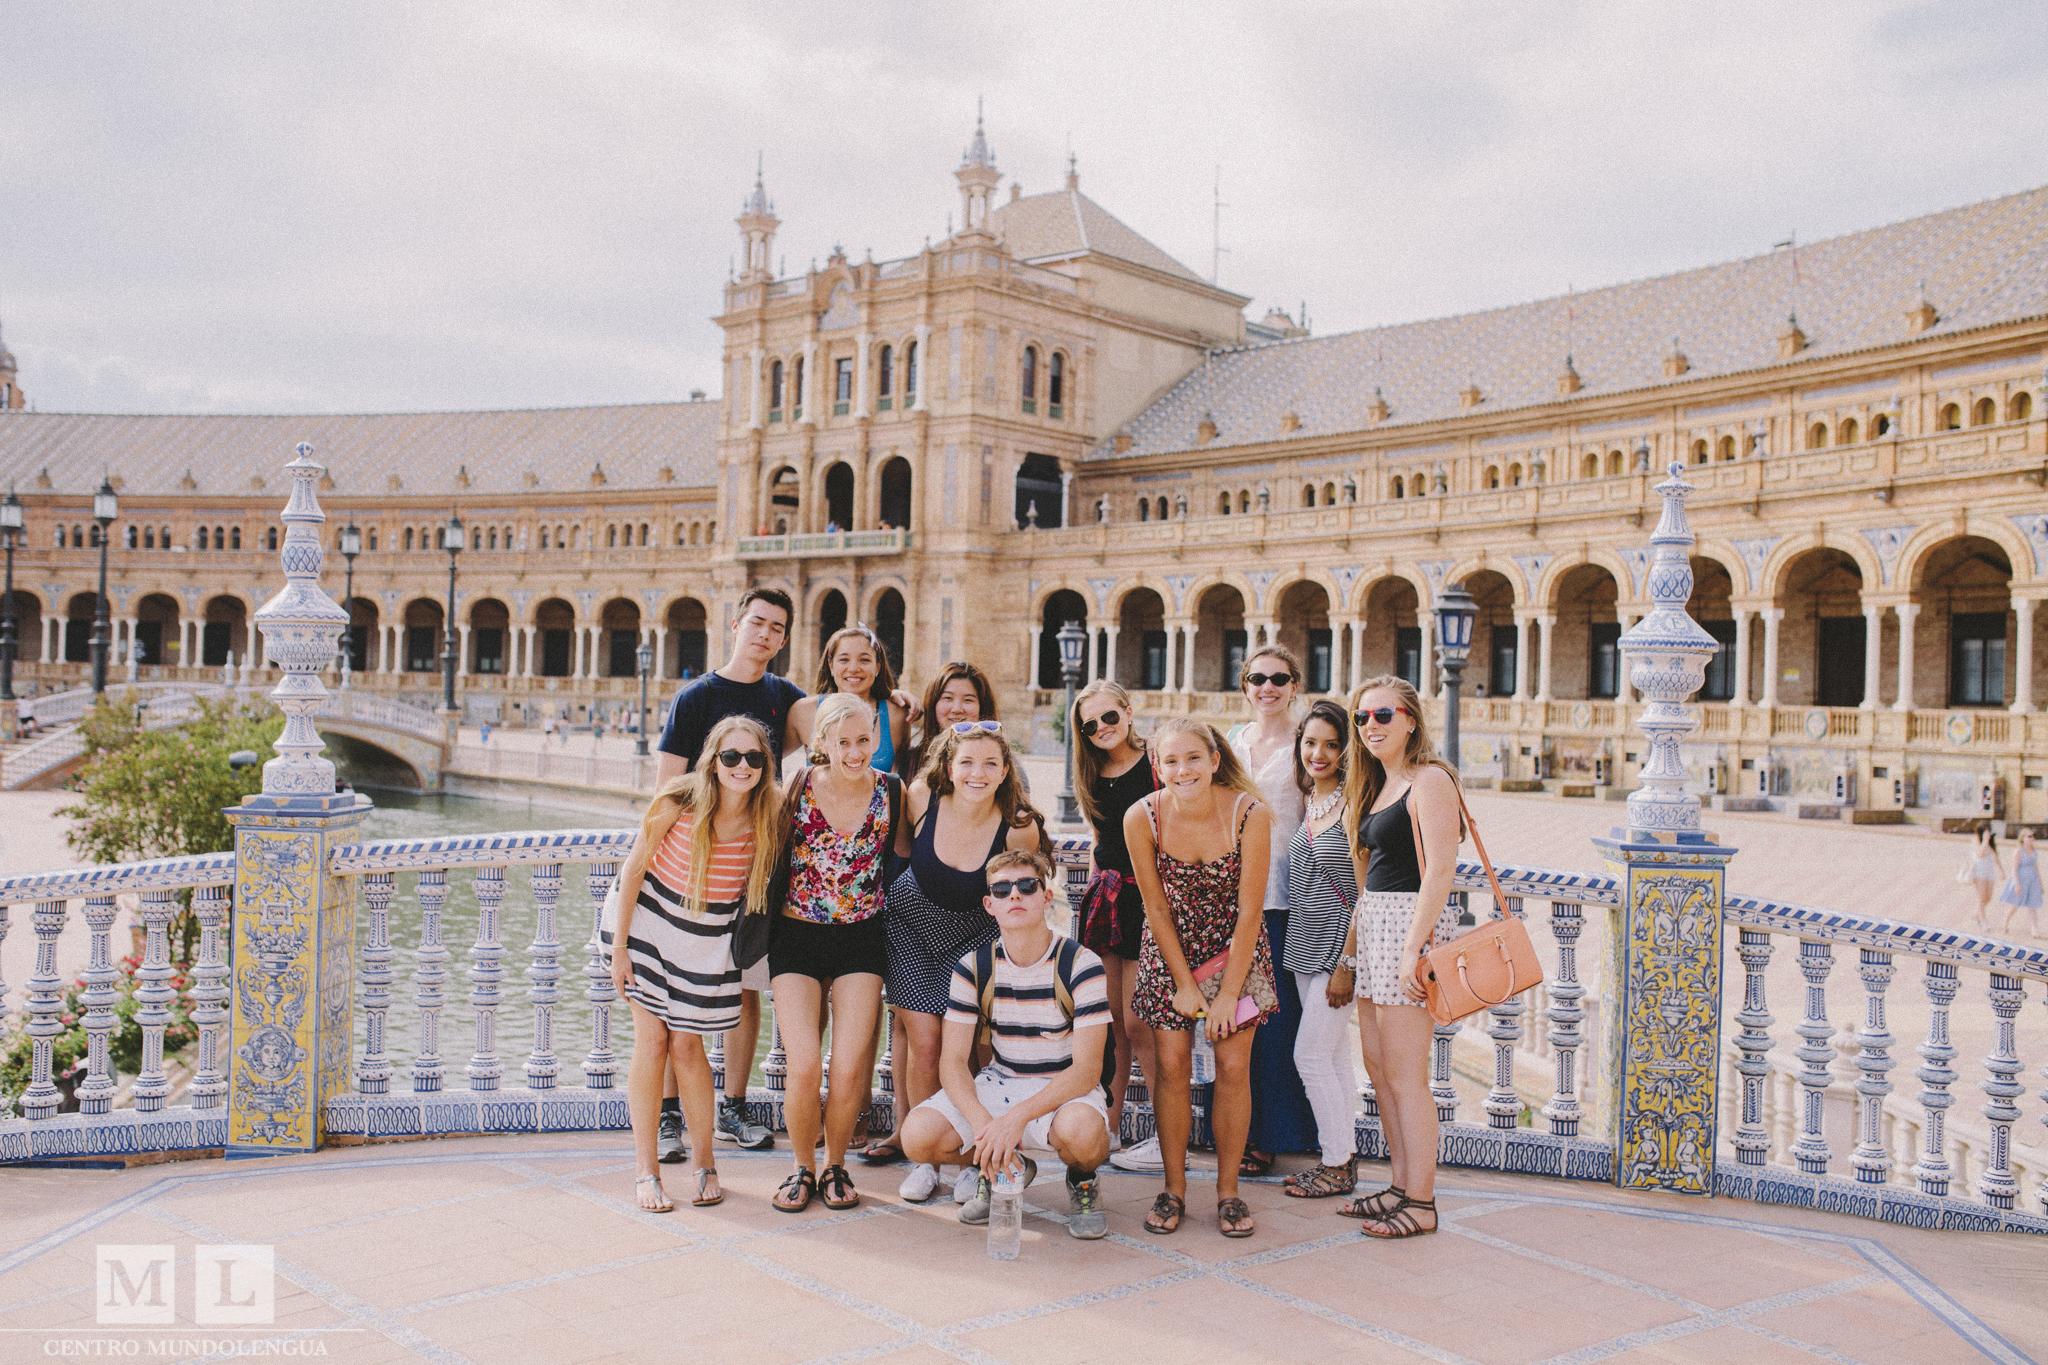 Centro MundoLengua:  Pre-AP Spanish Language and Culture in Sevilla, Spain